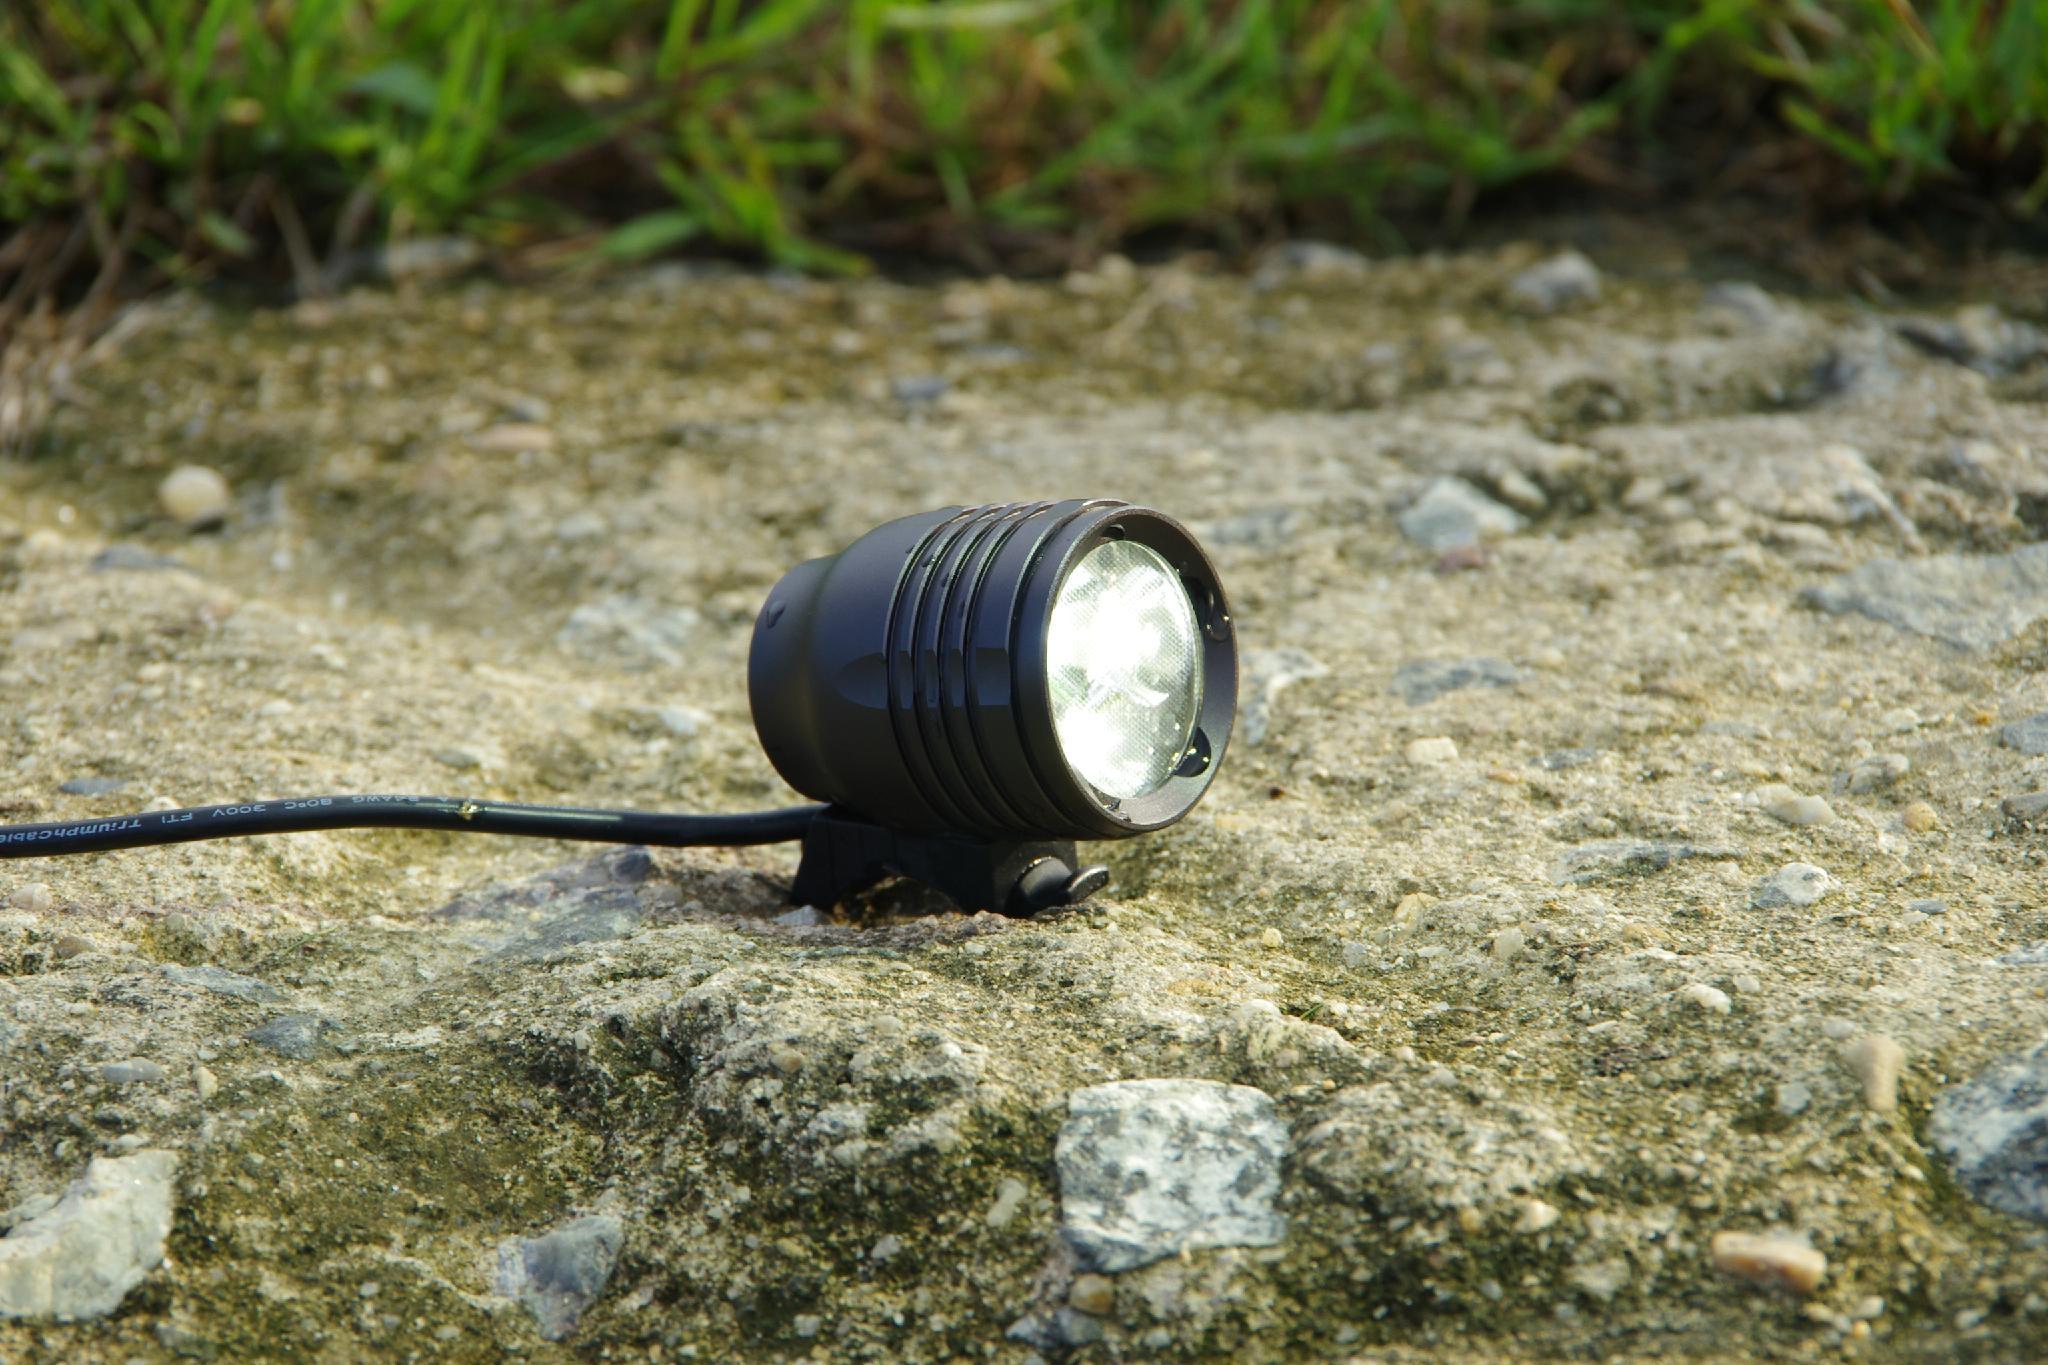 Pro mountain cycle light 1900 lumens 5200mAh battery 2